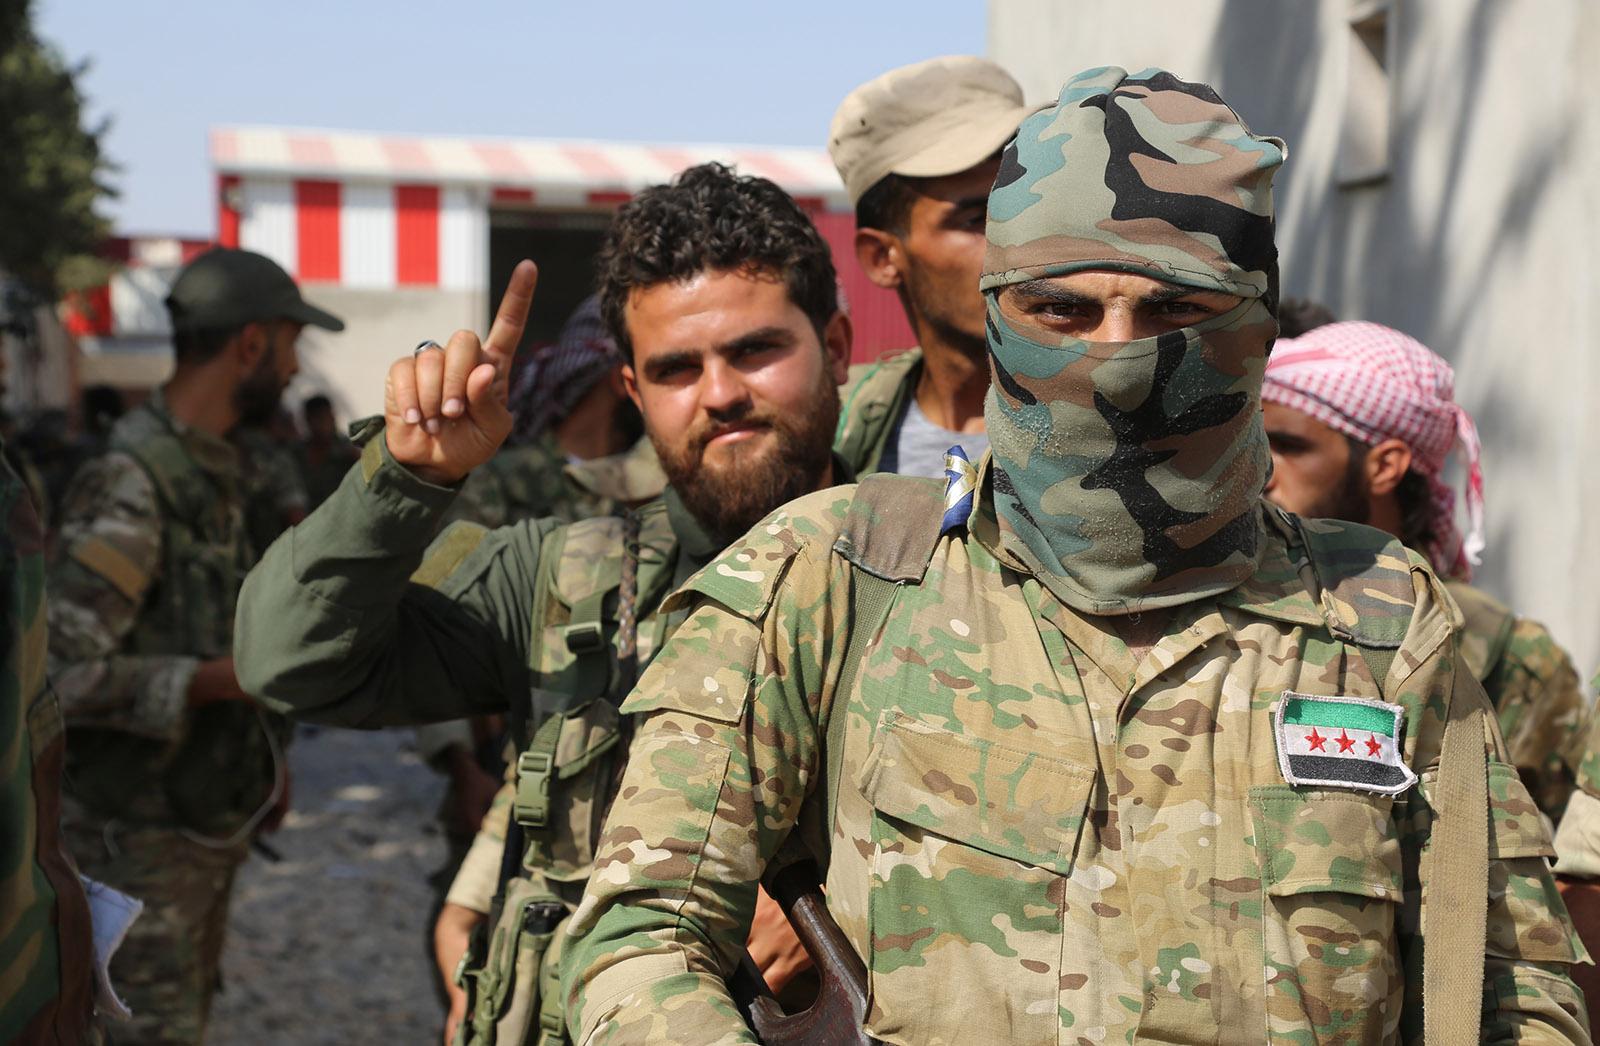 صورة عودة المعارك بريف حماة.. والحر يتصدى بريف إدلب- شاهد